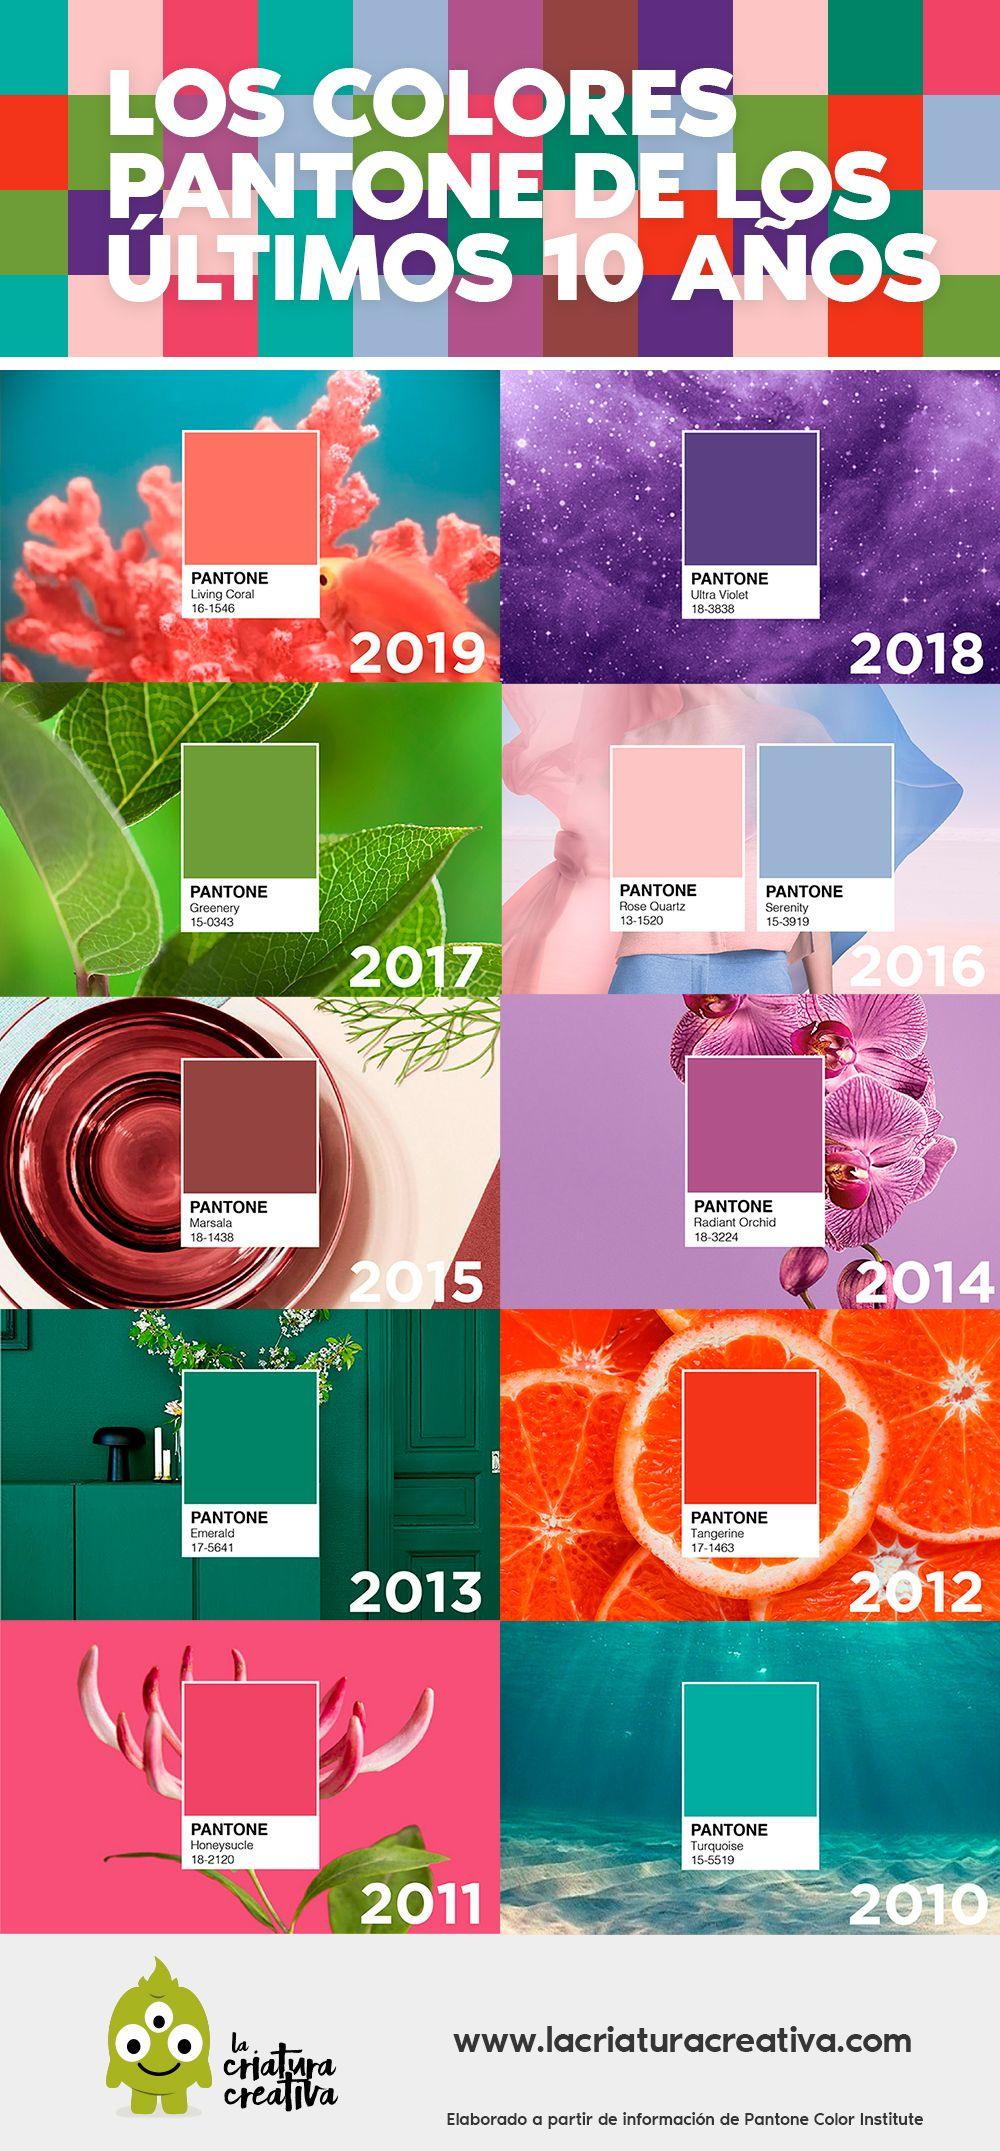 Este Es El Color Pantone 2019 Living Coral La Criatura Creativa Paleta De Color Pantone Guia De Color Pantone Carta De Colores Pantone